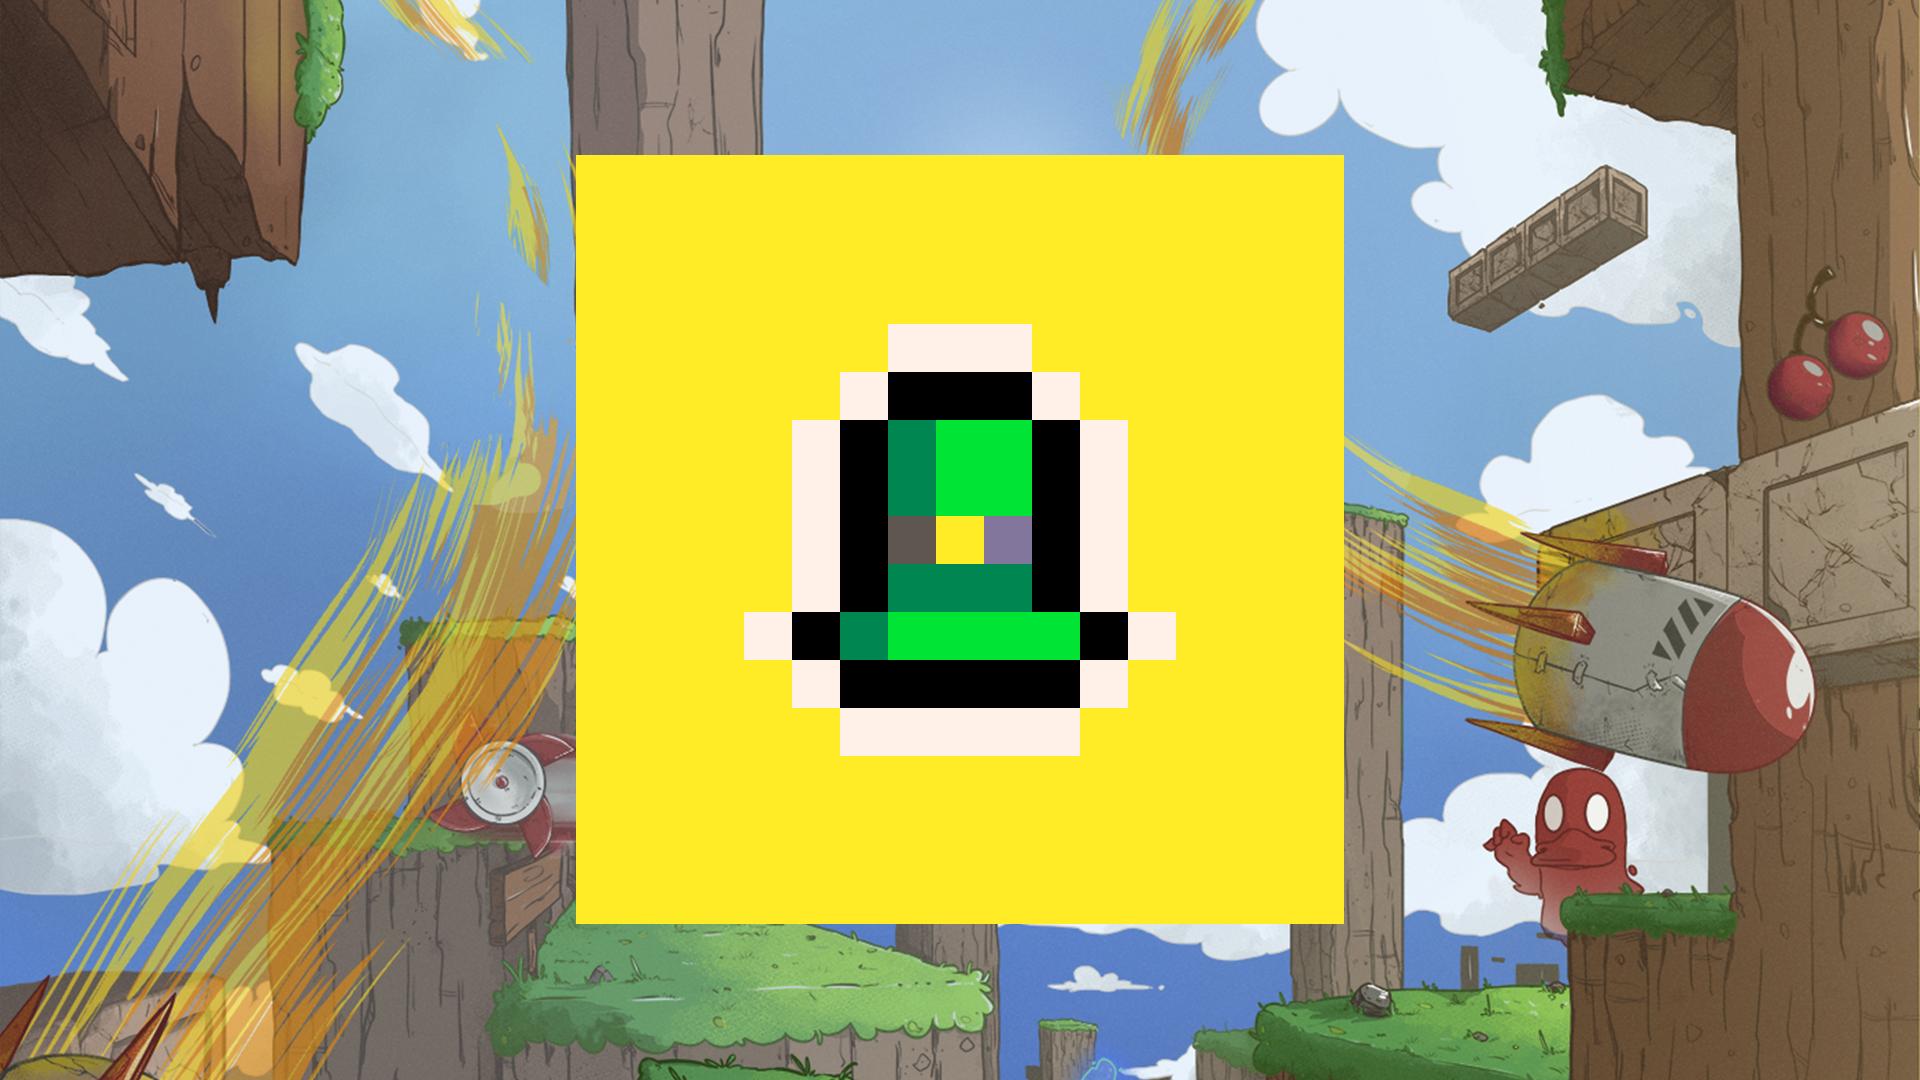 Icon for Irish hat